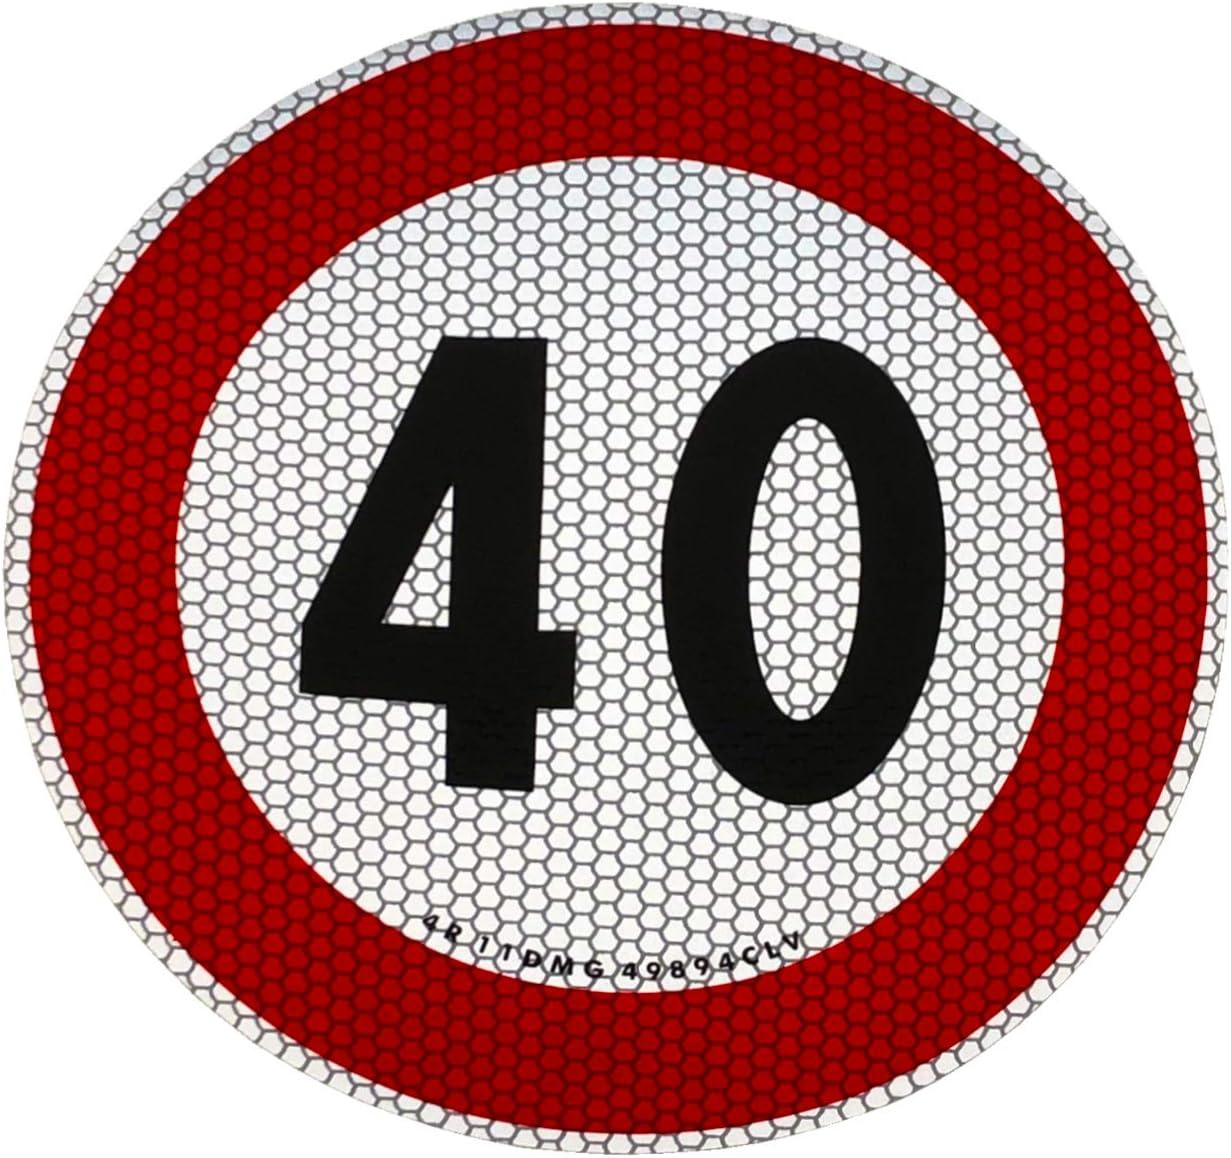 Quattroerre 31839 Contrassegno Limite velocit/à 40 km//h Adesivo Omologati EU